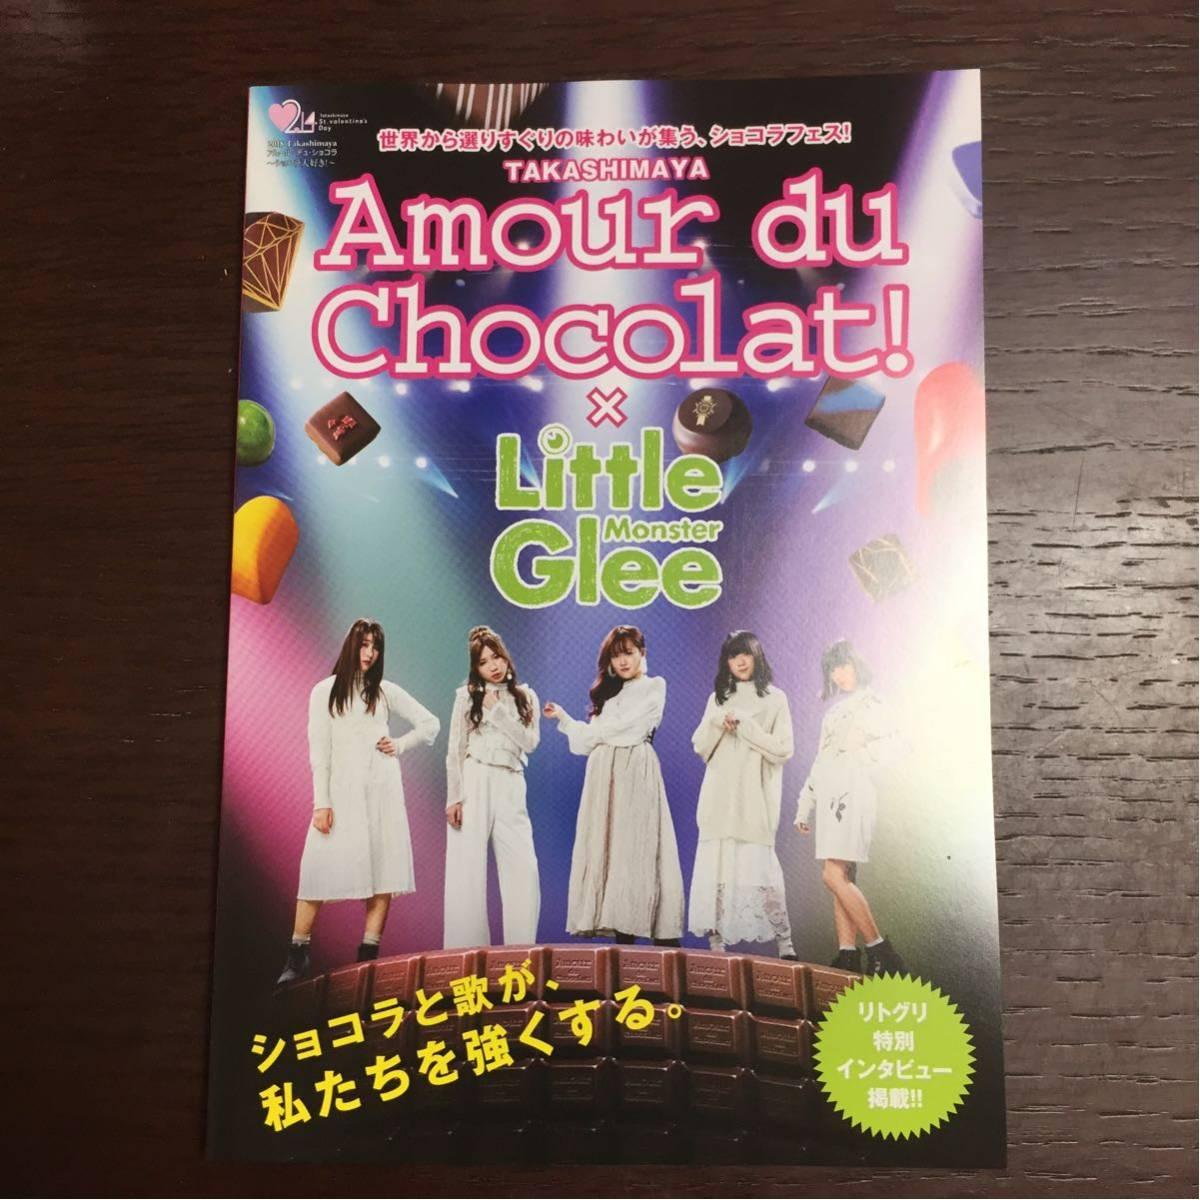 【即決】Little Glee Monster 高島屋チョコレートカタログ 2018年